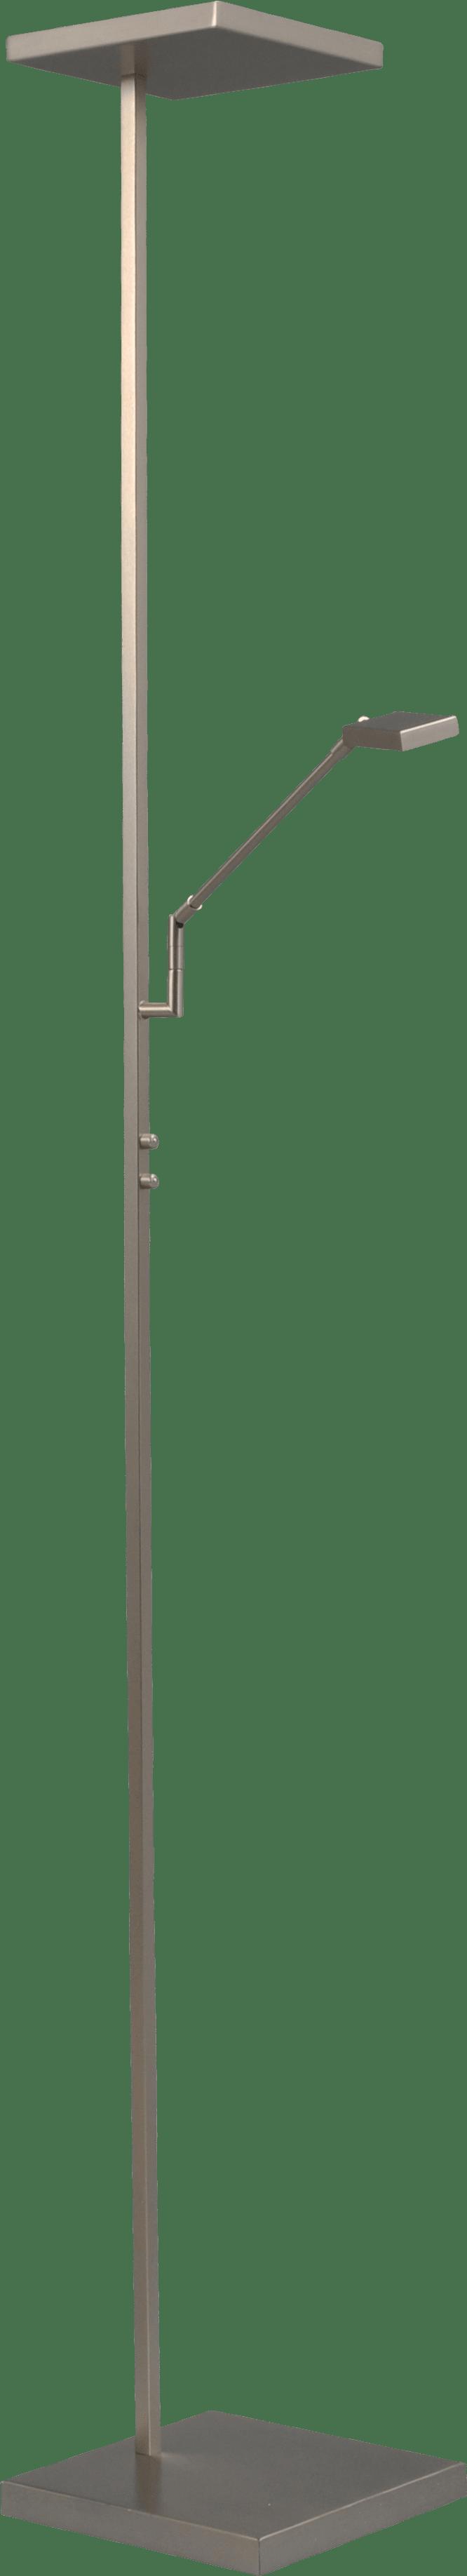 Denia 1 VL DENIA 1 NIKKEL UPL+LEES H.185CM LED